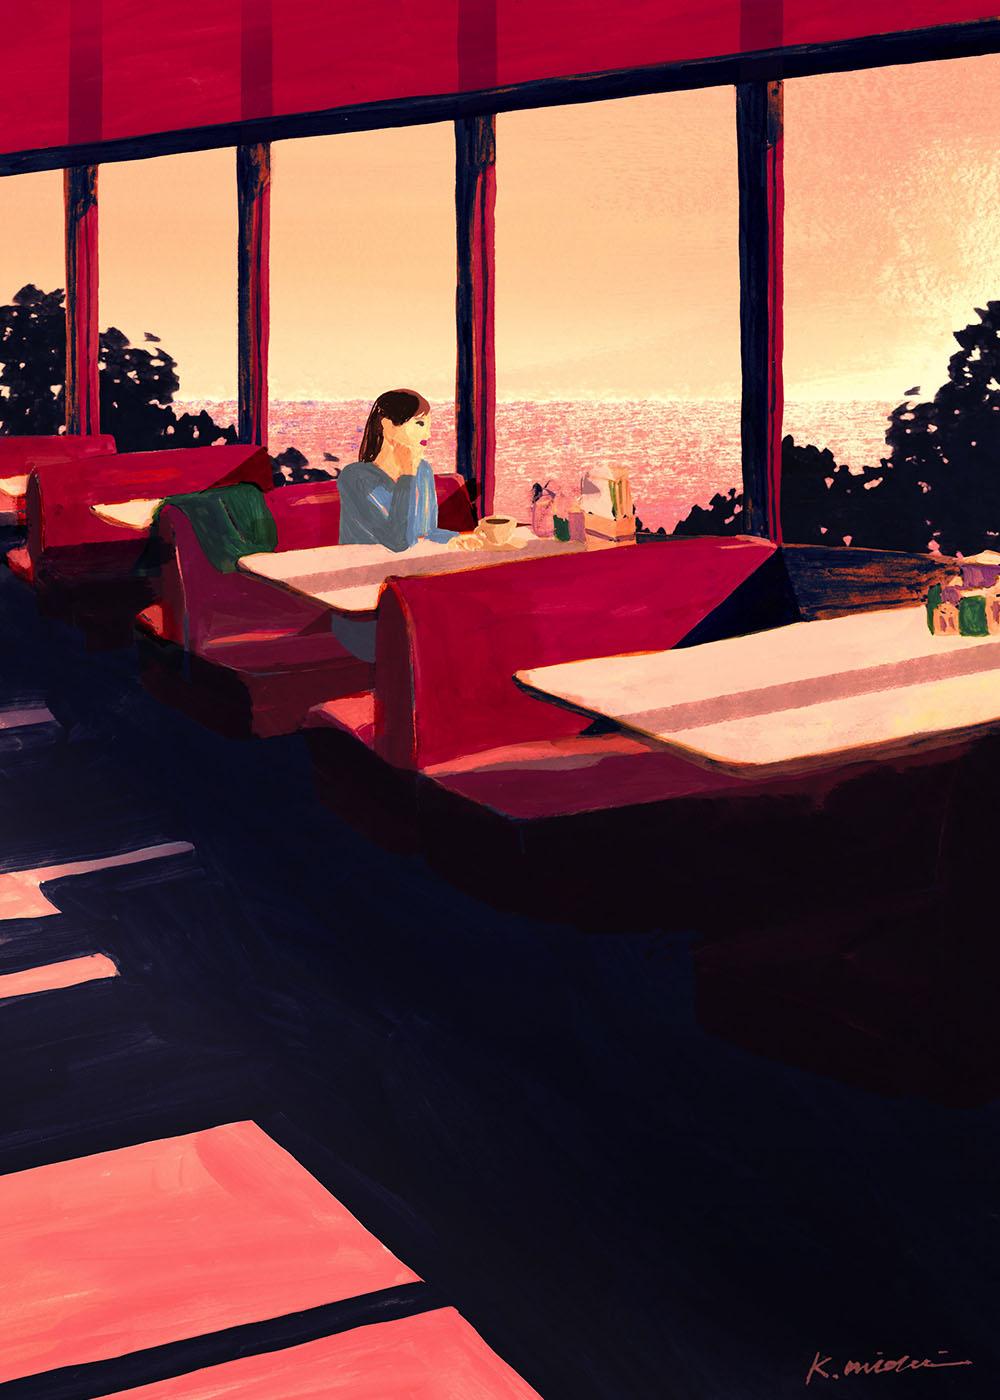 イラストレーション 人物 夕暮れ 海の見えるレストラン